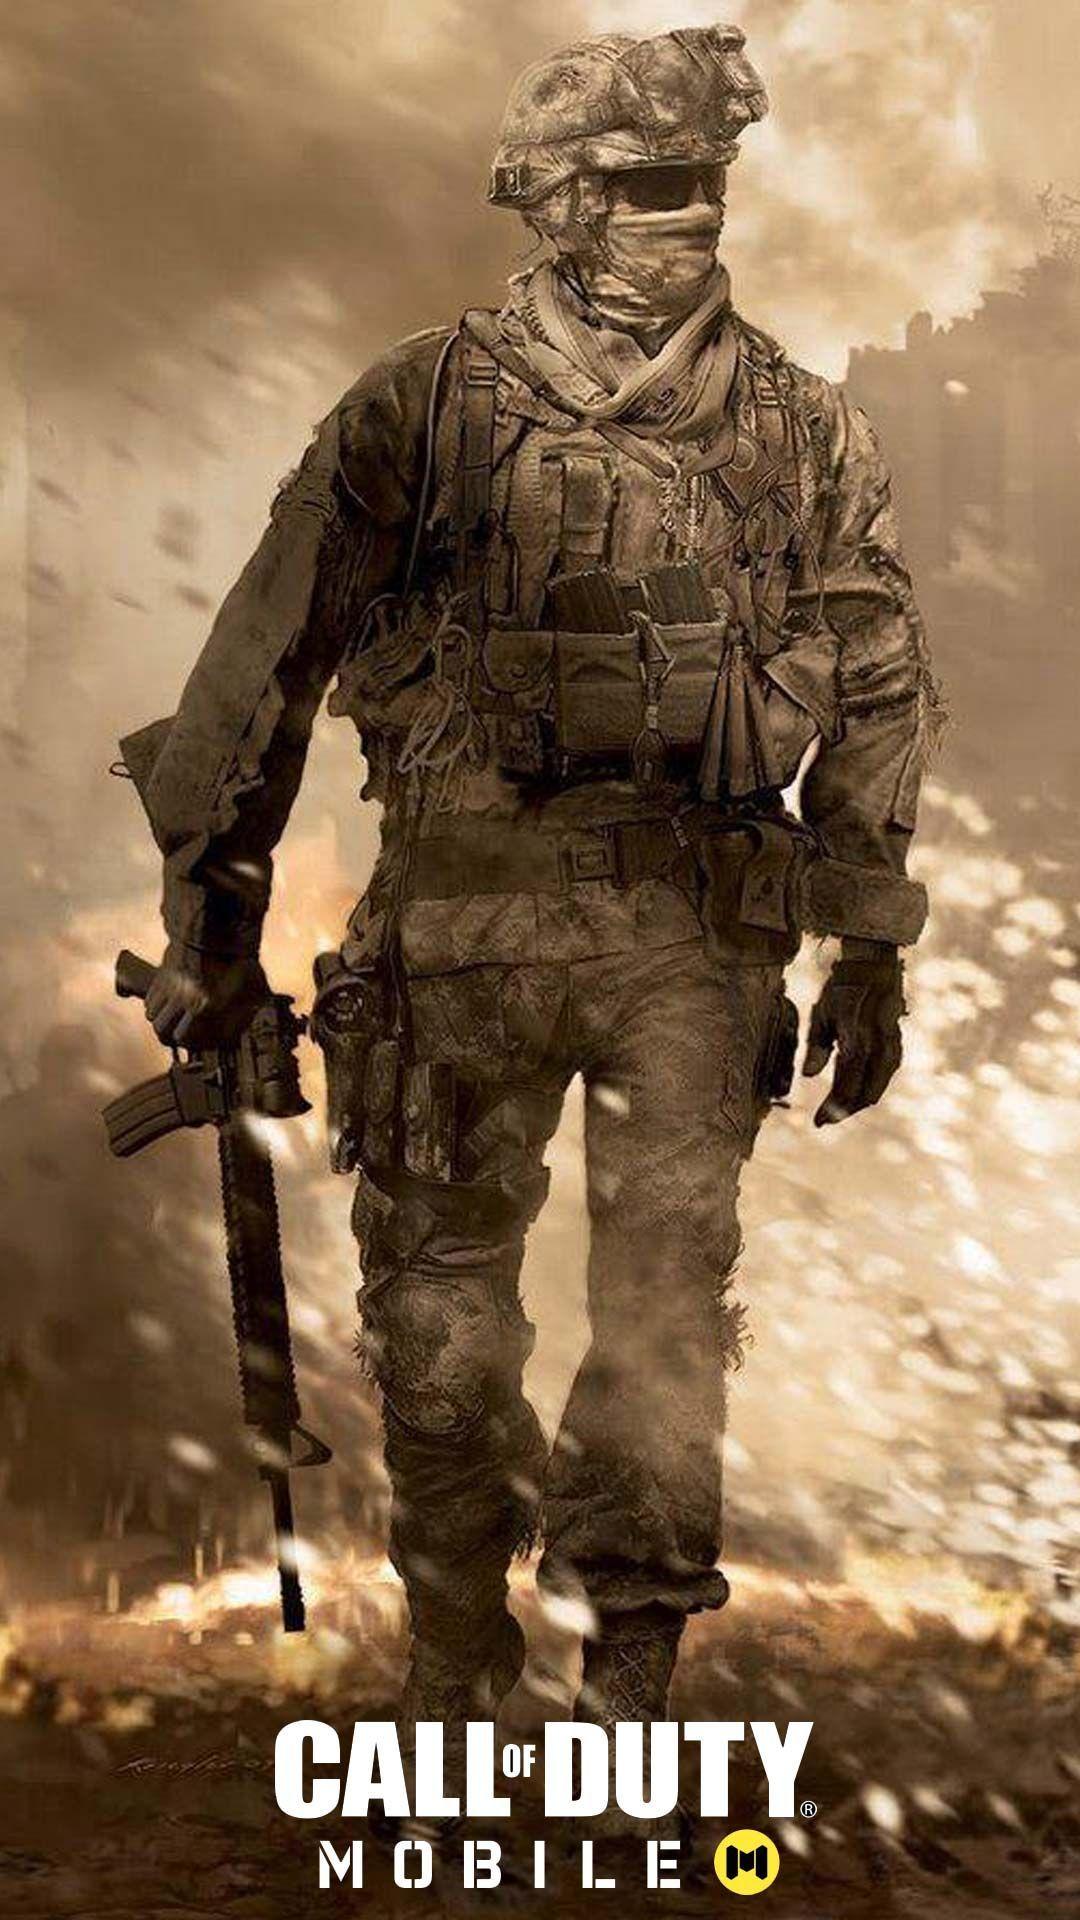 Pin Oleh Sake Xp Di Game Pasukan Khusus Call Of Duty Militer